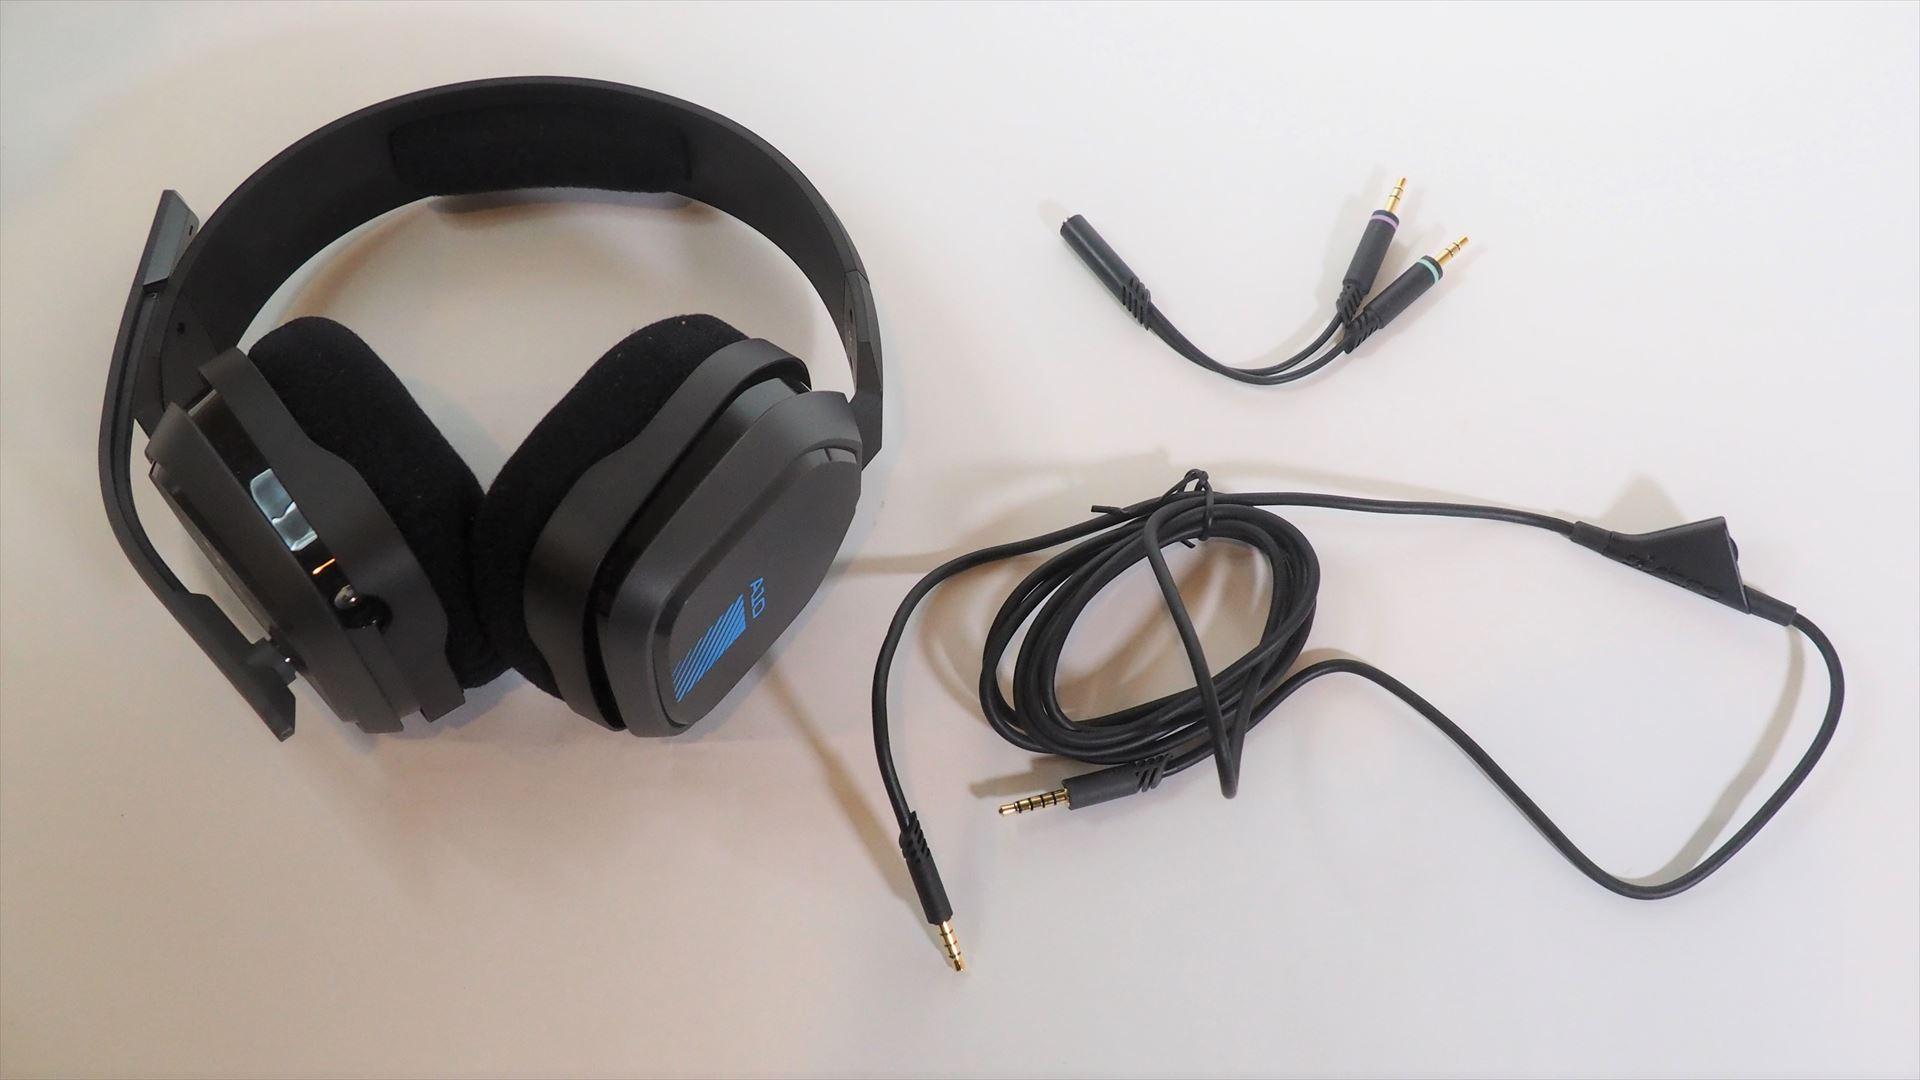 A10のパッケージの中には、A10本体とインライン音量コントロールケーブル、パソコンスプリッタが入っている